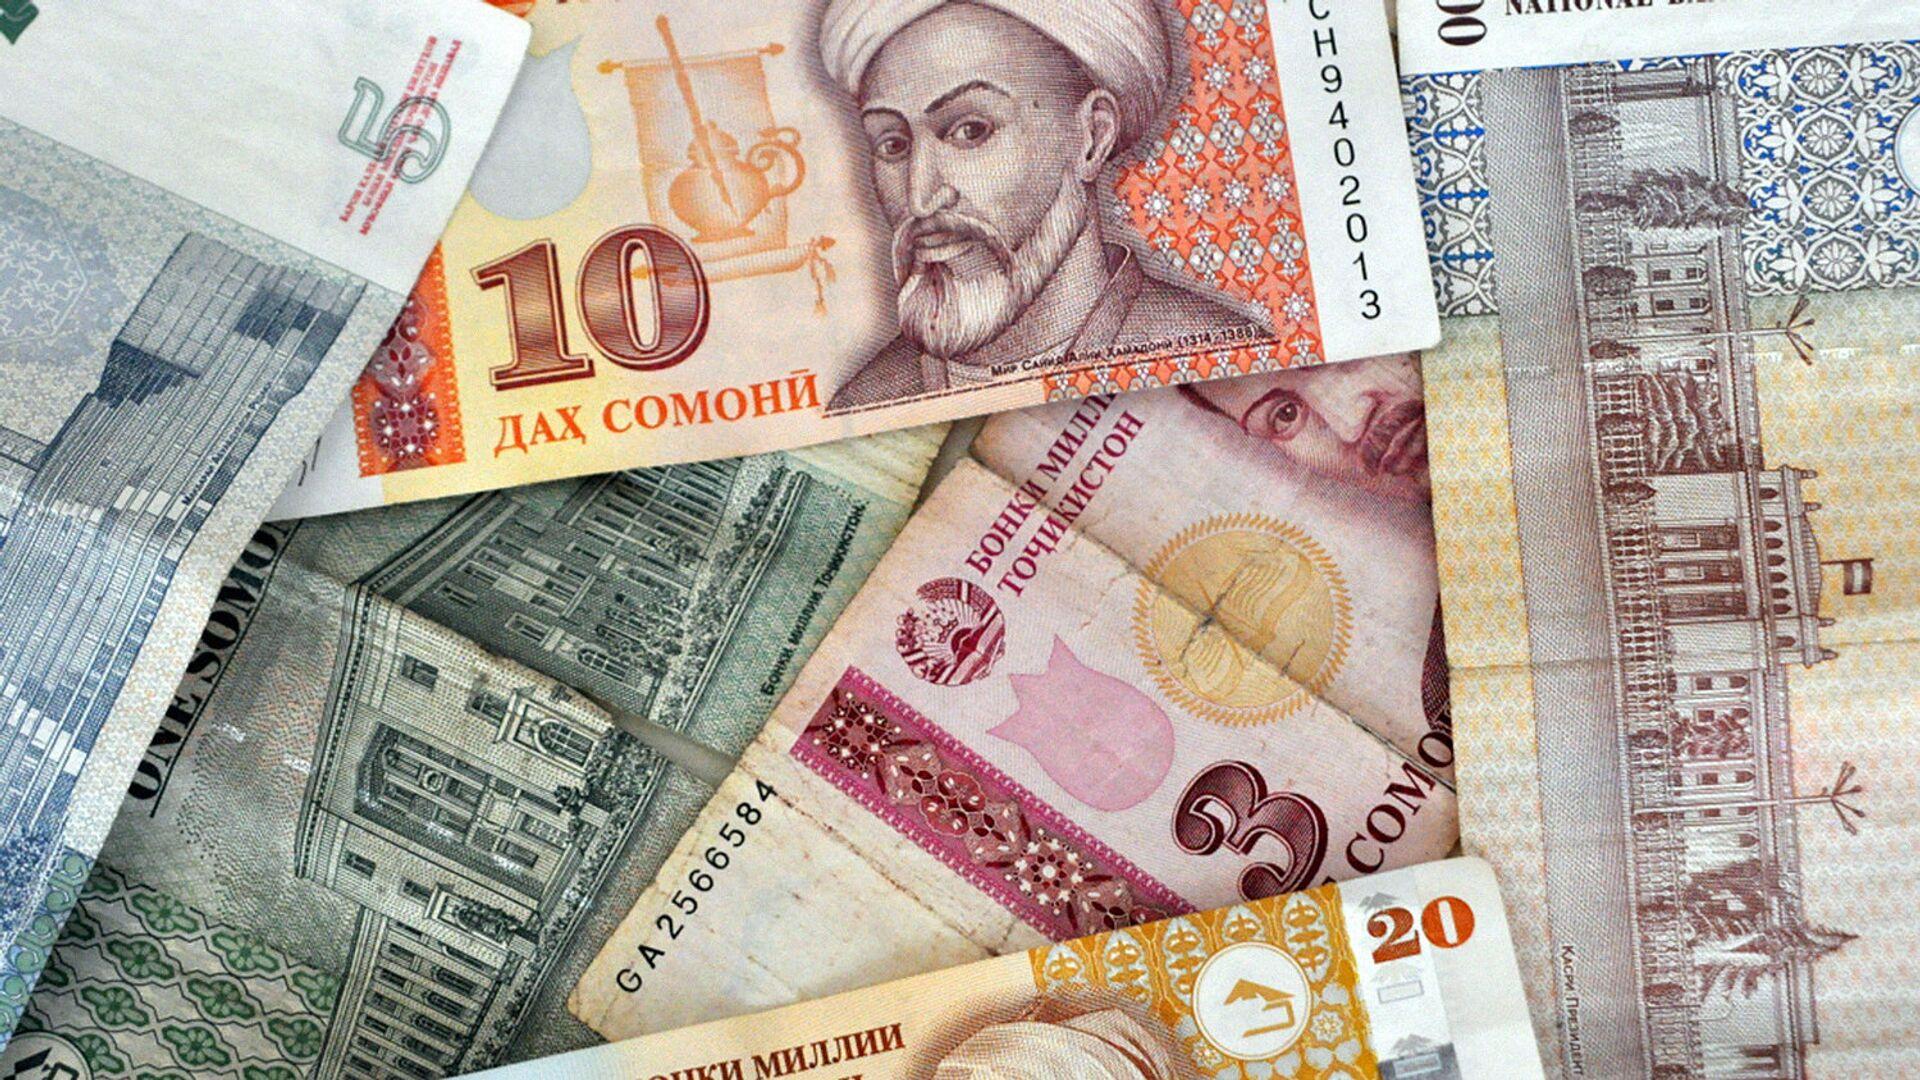 Таджикские денежные знаки Сомони - Sputnik Таджикистан, 1920, 21.07.2021